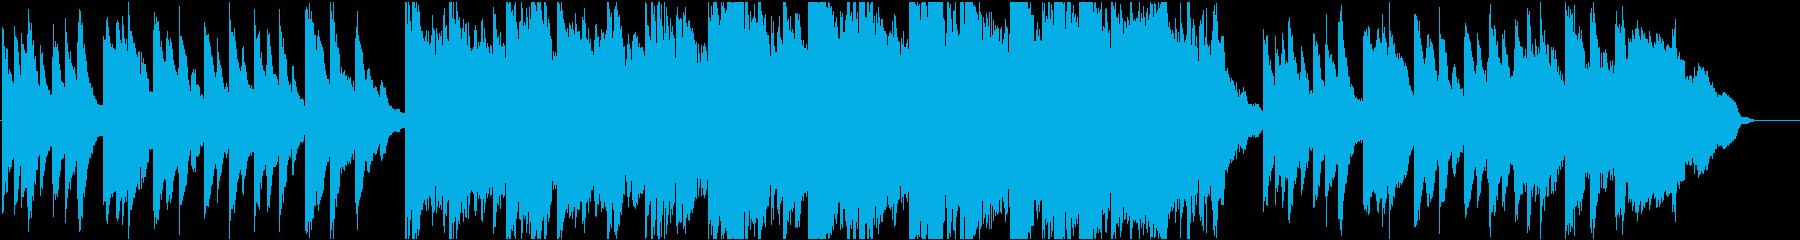 ドラマ4 16bit48kHzVerの再生済みの波形